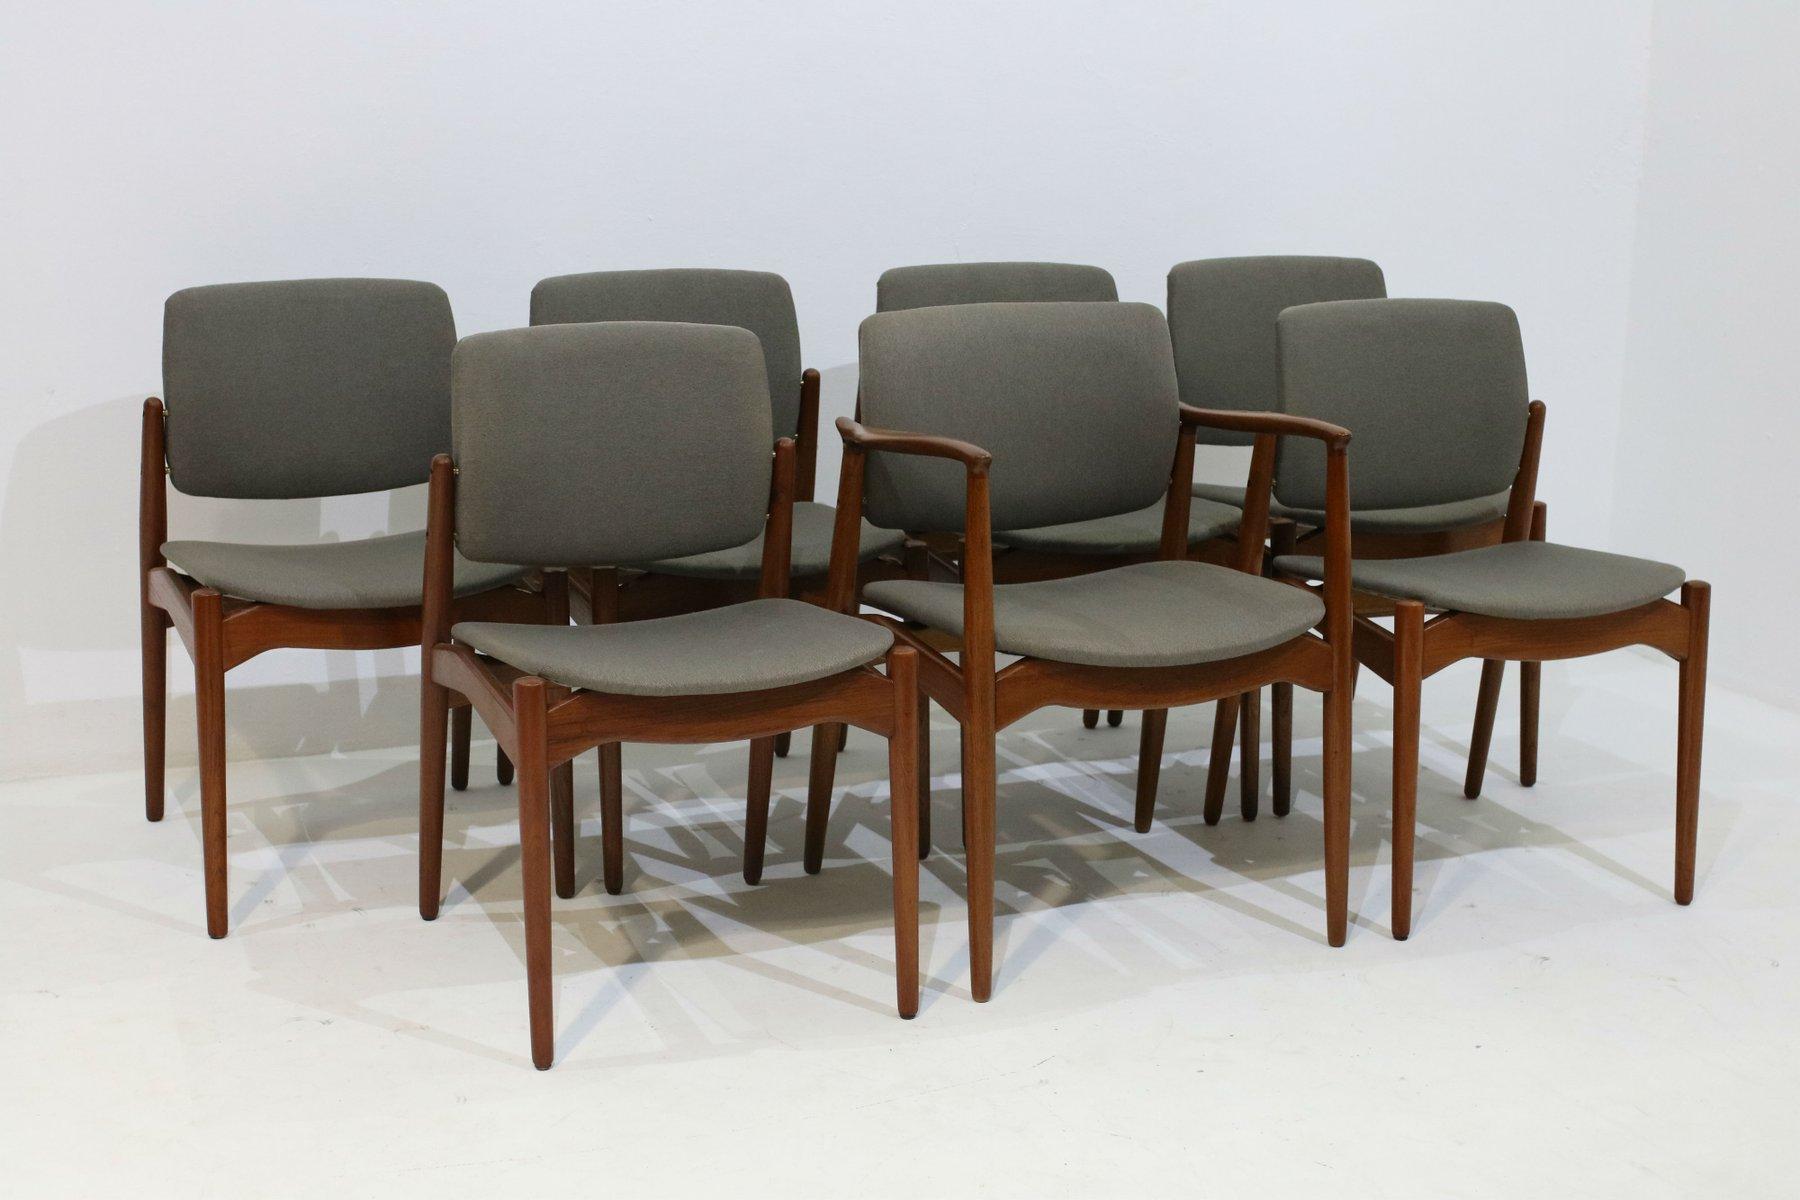 Chaise Fauteuil Pour Salon : Chaises de salon fauteuil erik buch pour orum mobler